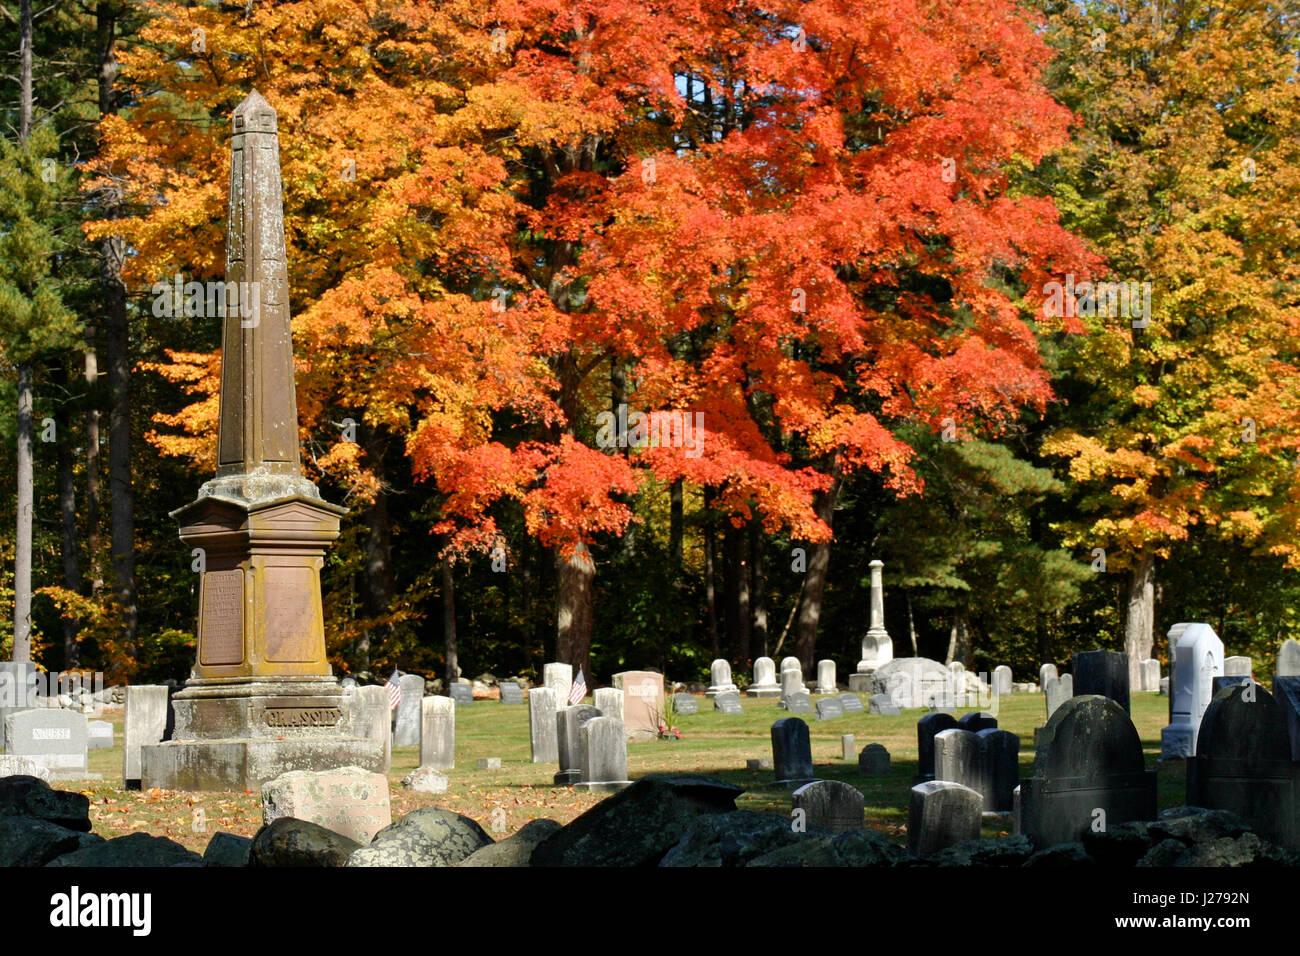 An historic New England cemetery in autumn, Bolton, Massachusetts Stock Photo